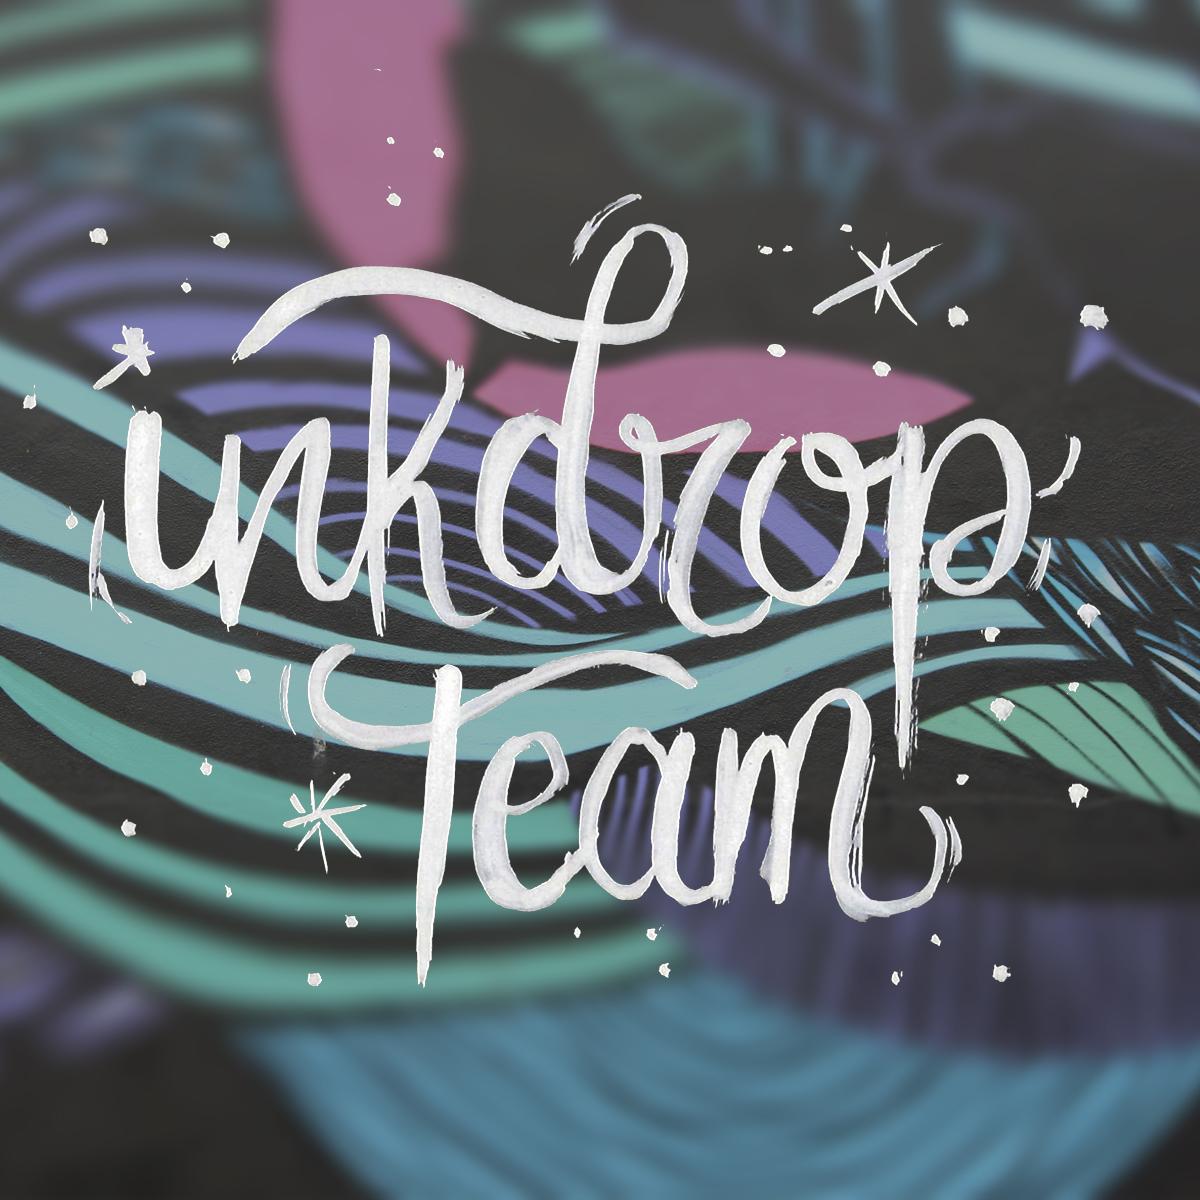 Inkdrop_meet_the_team-2.jpg